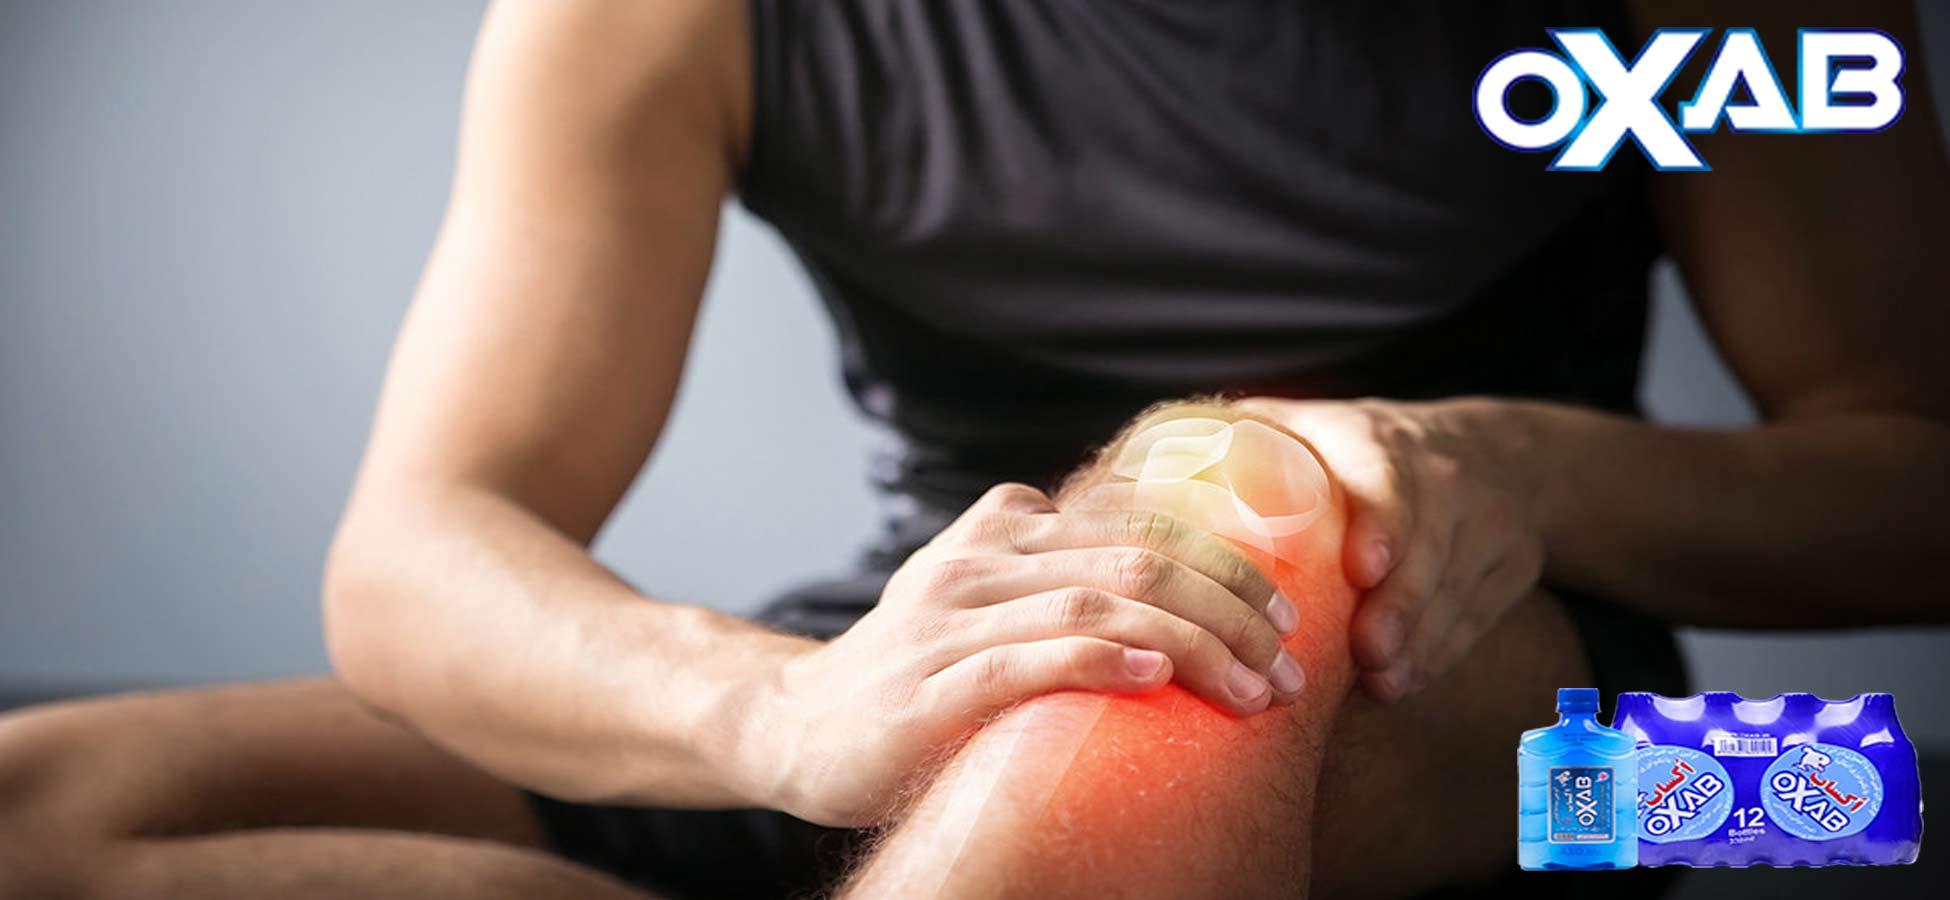 درمان درد مفاصل با آب آشامیدنی